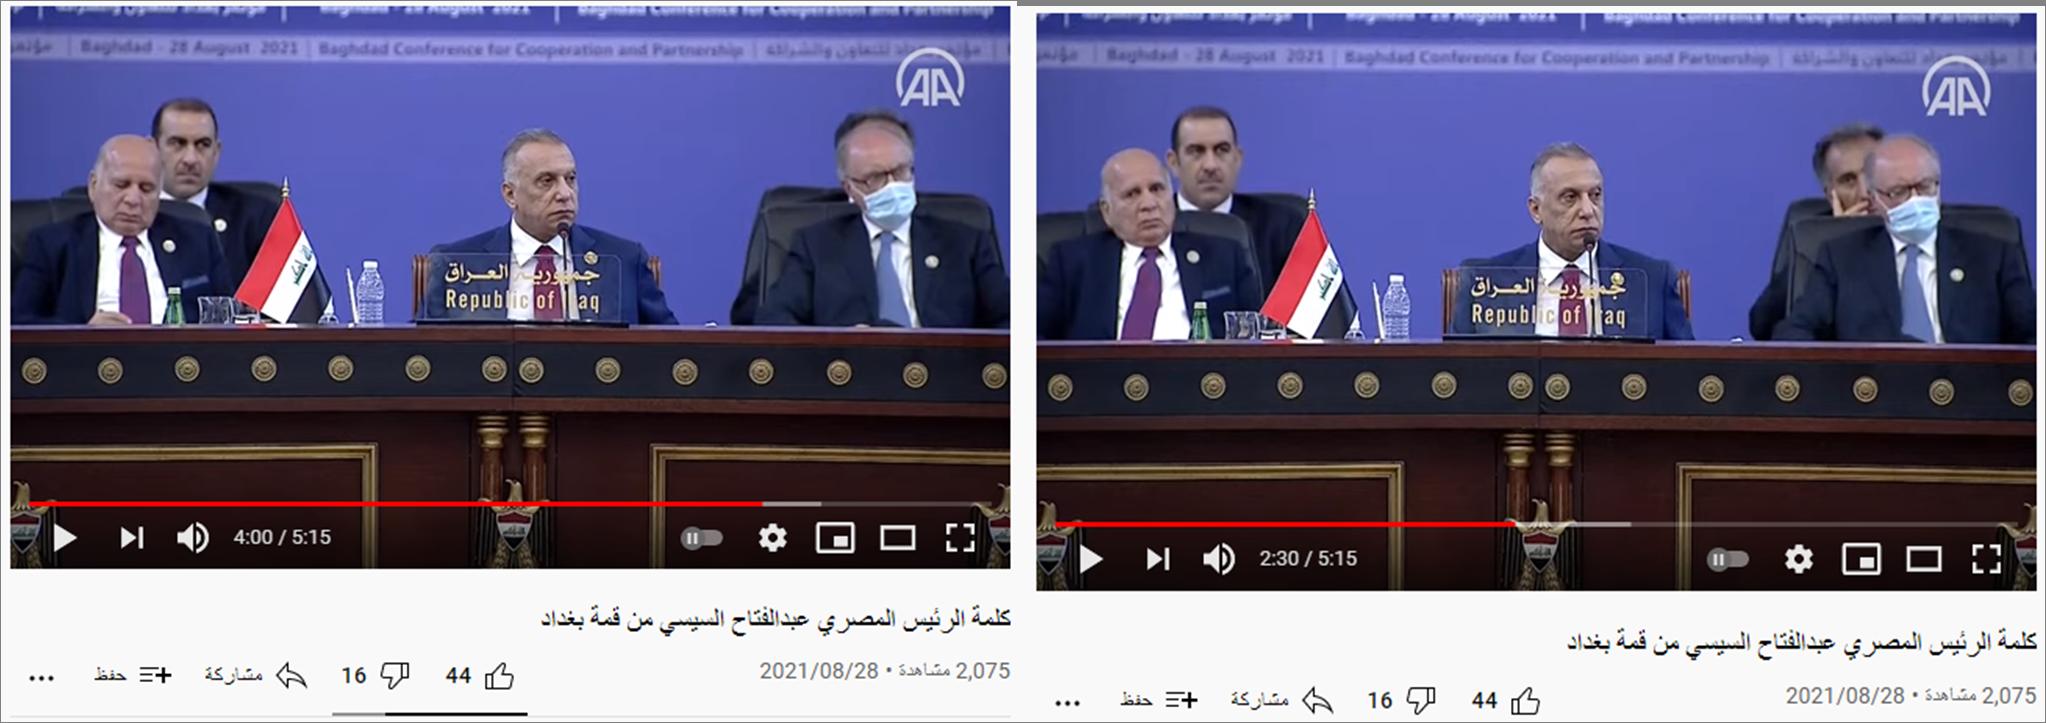 نوم وزير الخارجية في مؤتمر بغداد